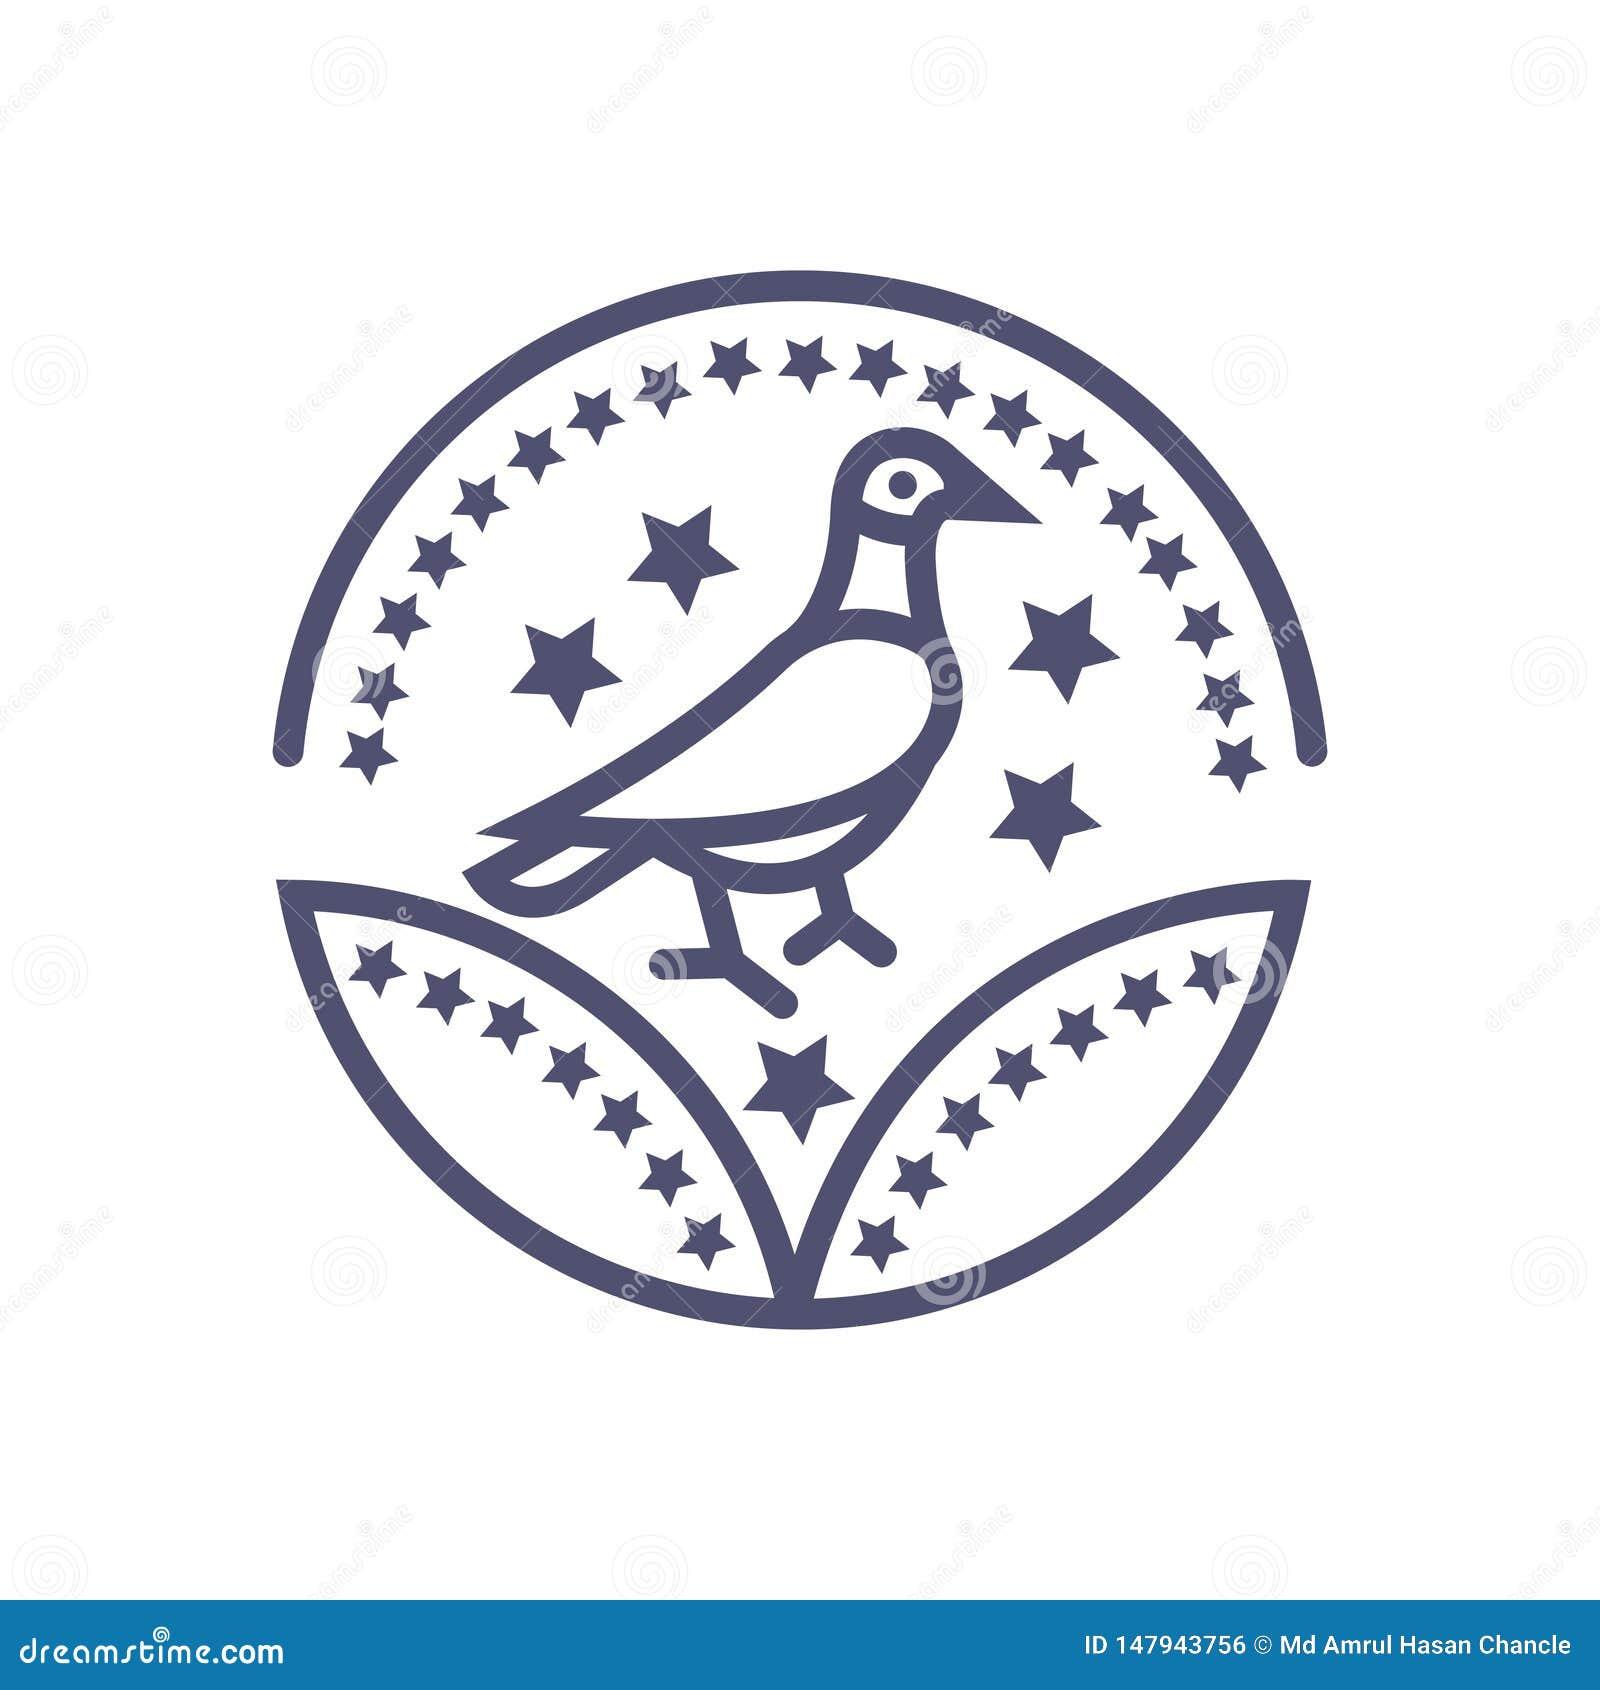 Vogelpreisikonenvektor-Vogelzeichen für Ihre Website oder mobilen Apps